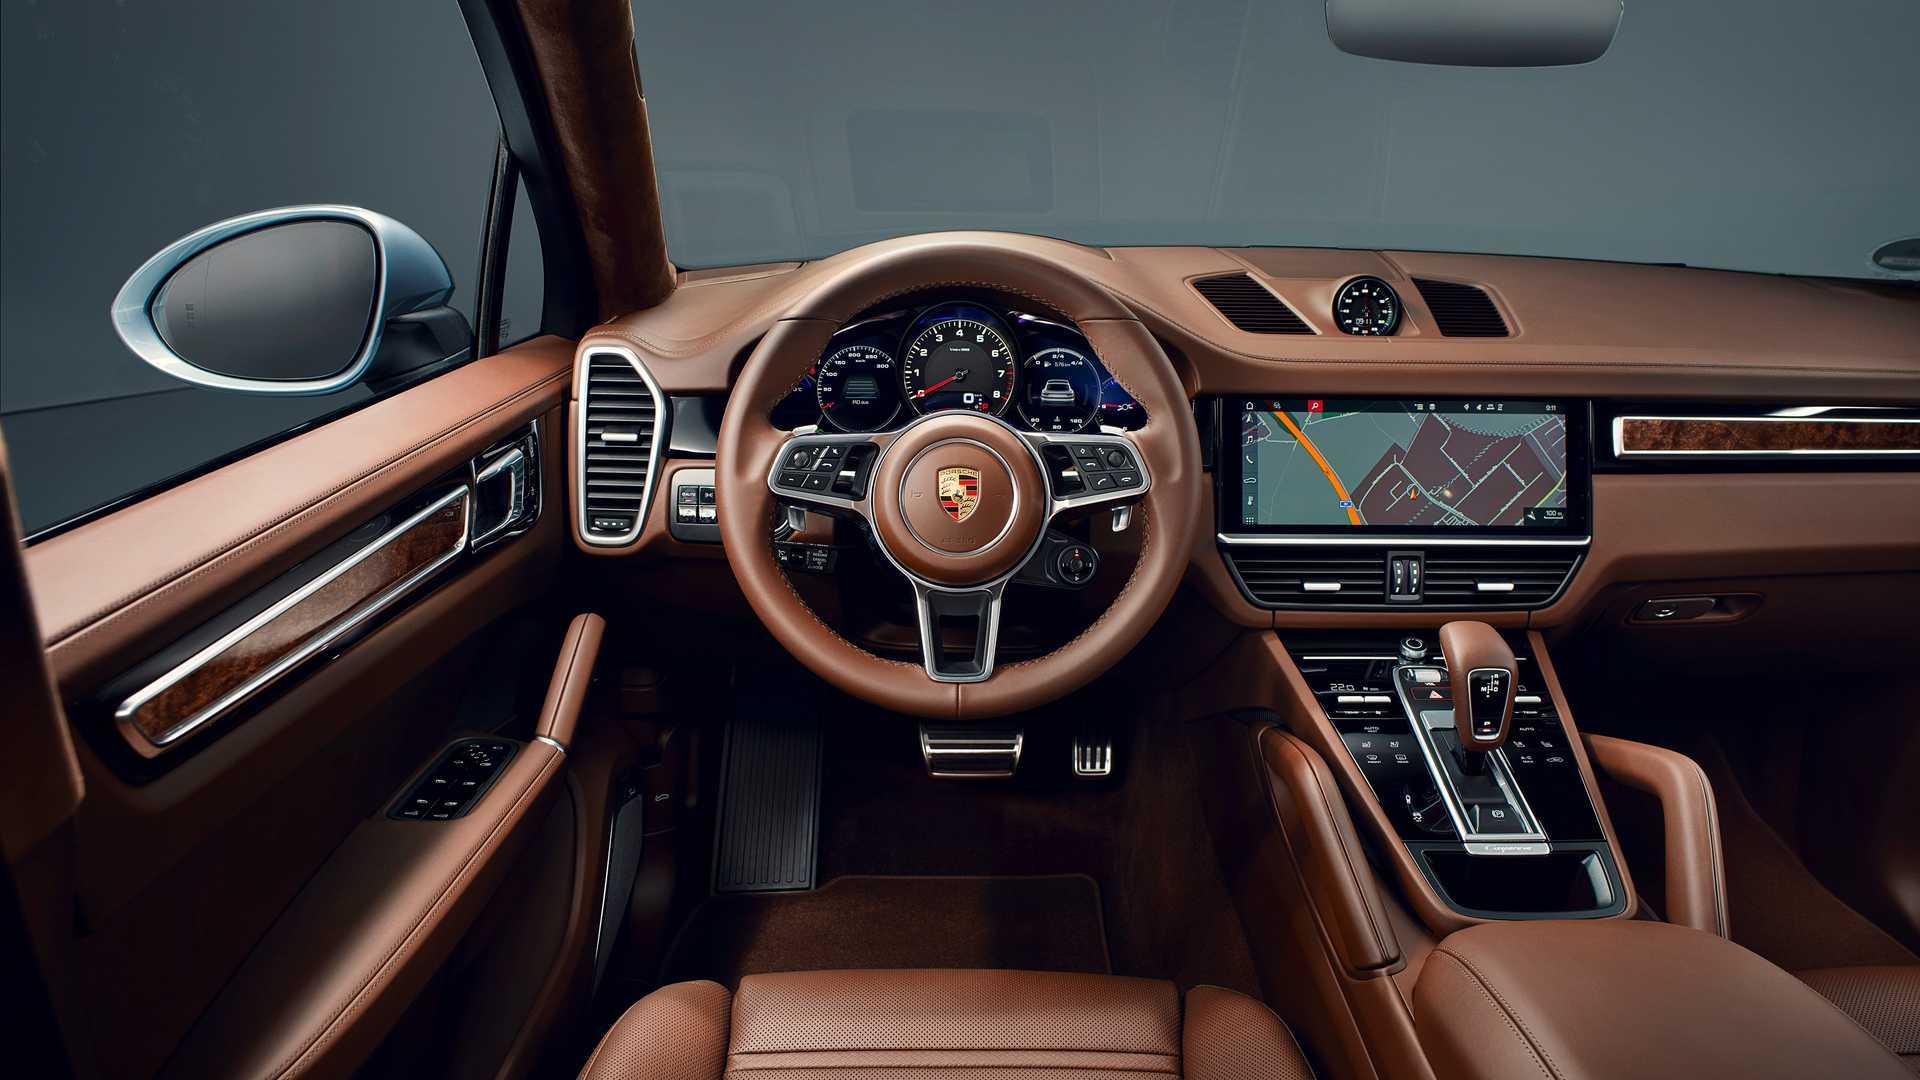 معرفی پورشه کاین کوپه S/ این خودرو 434 اسب بخار قدرت دارد